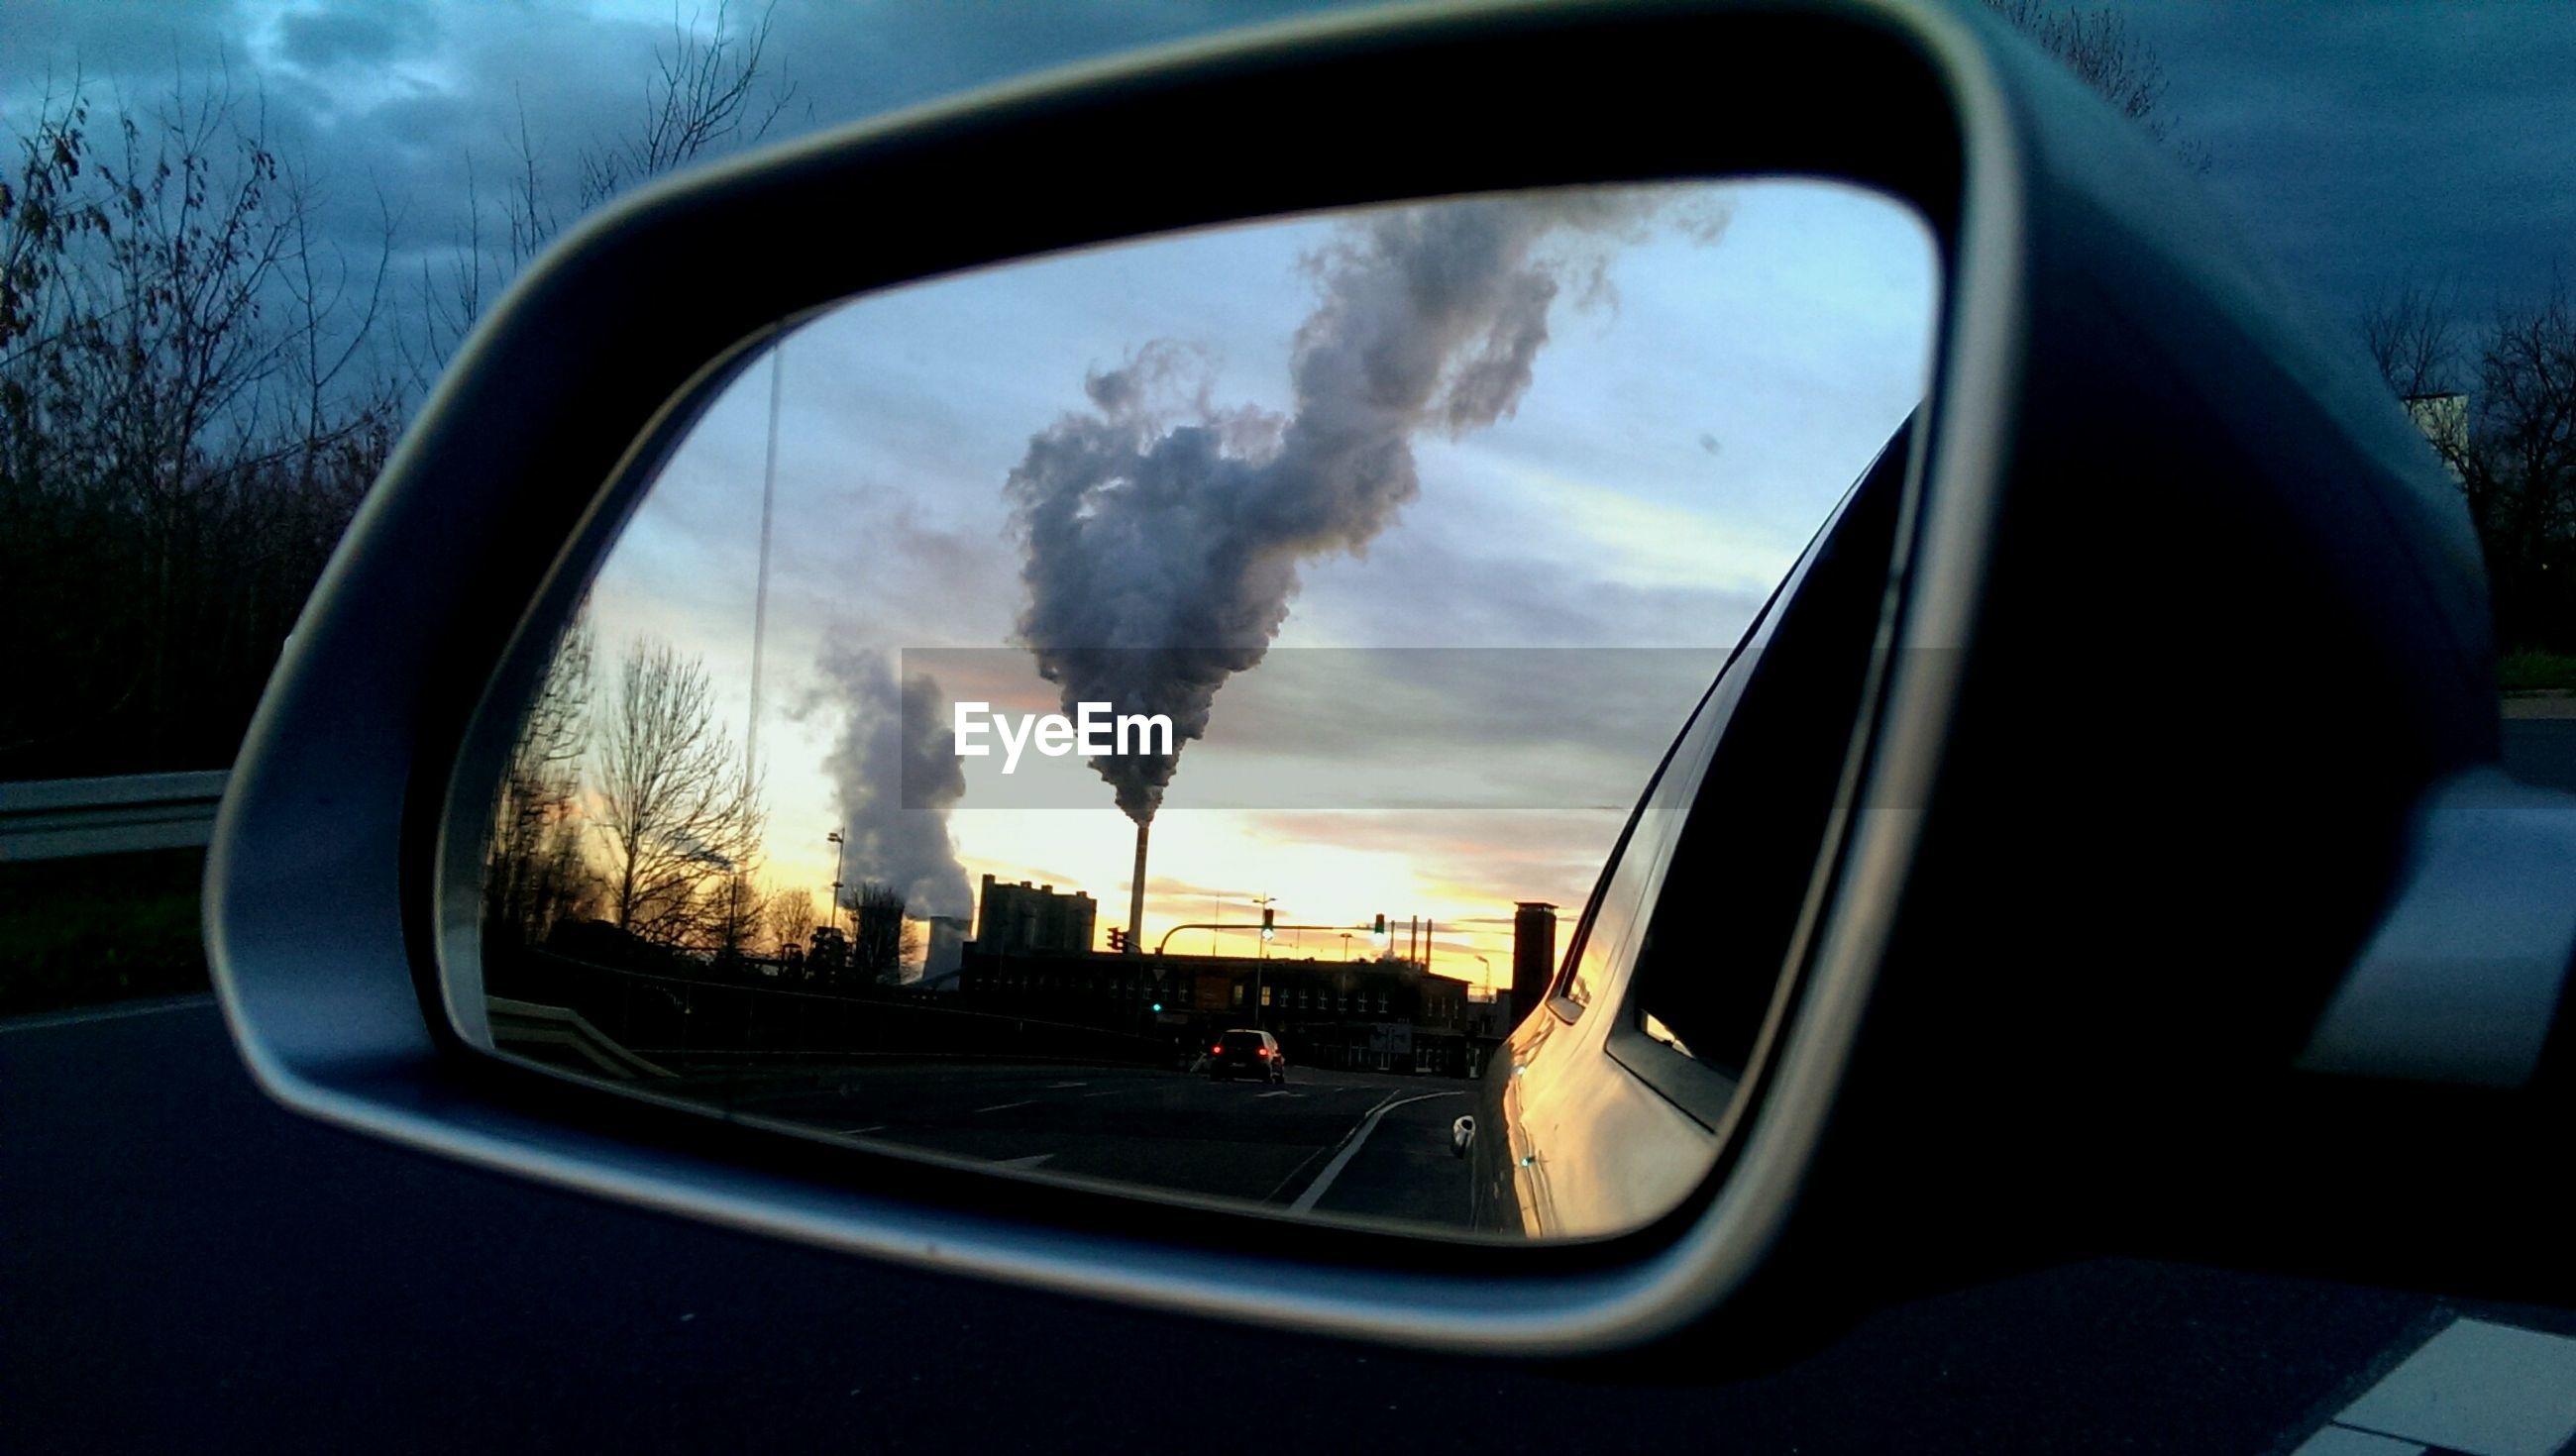 SUNSET SEEN THROUGH CAR WINDSHIELD